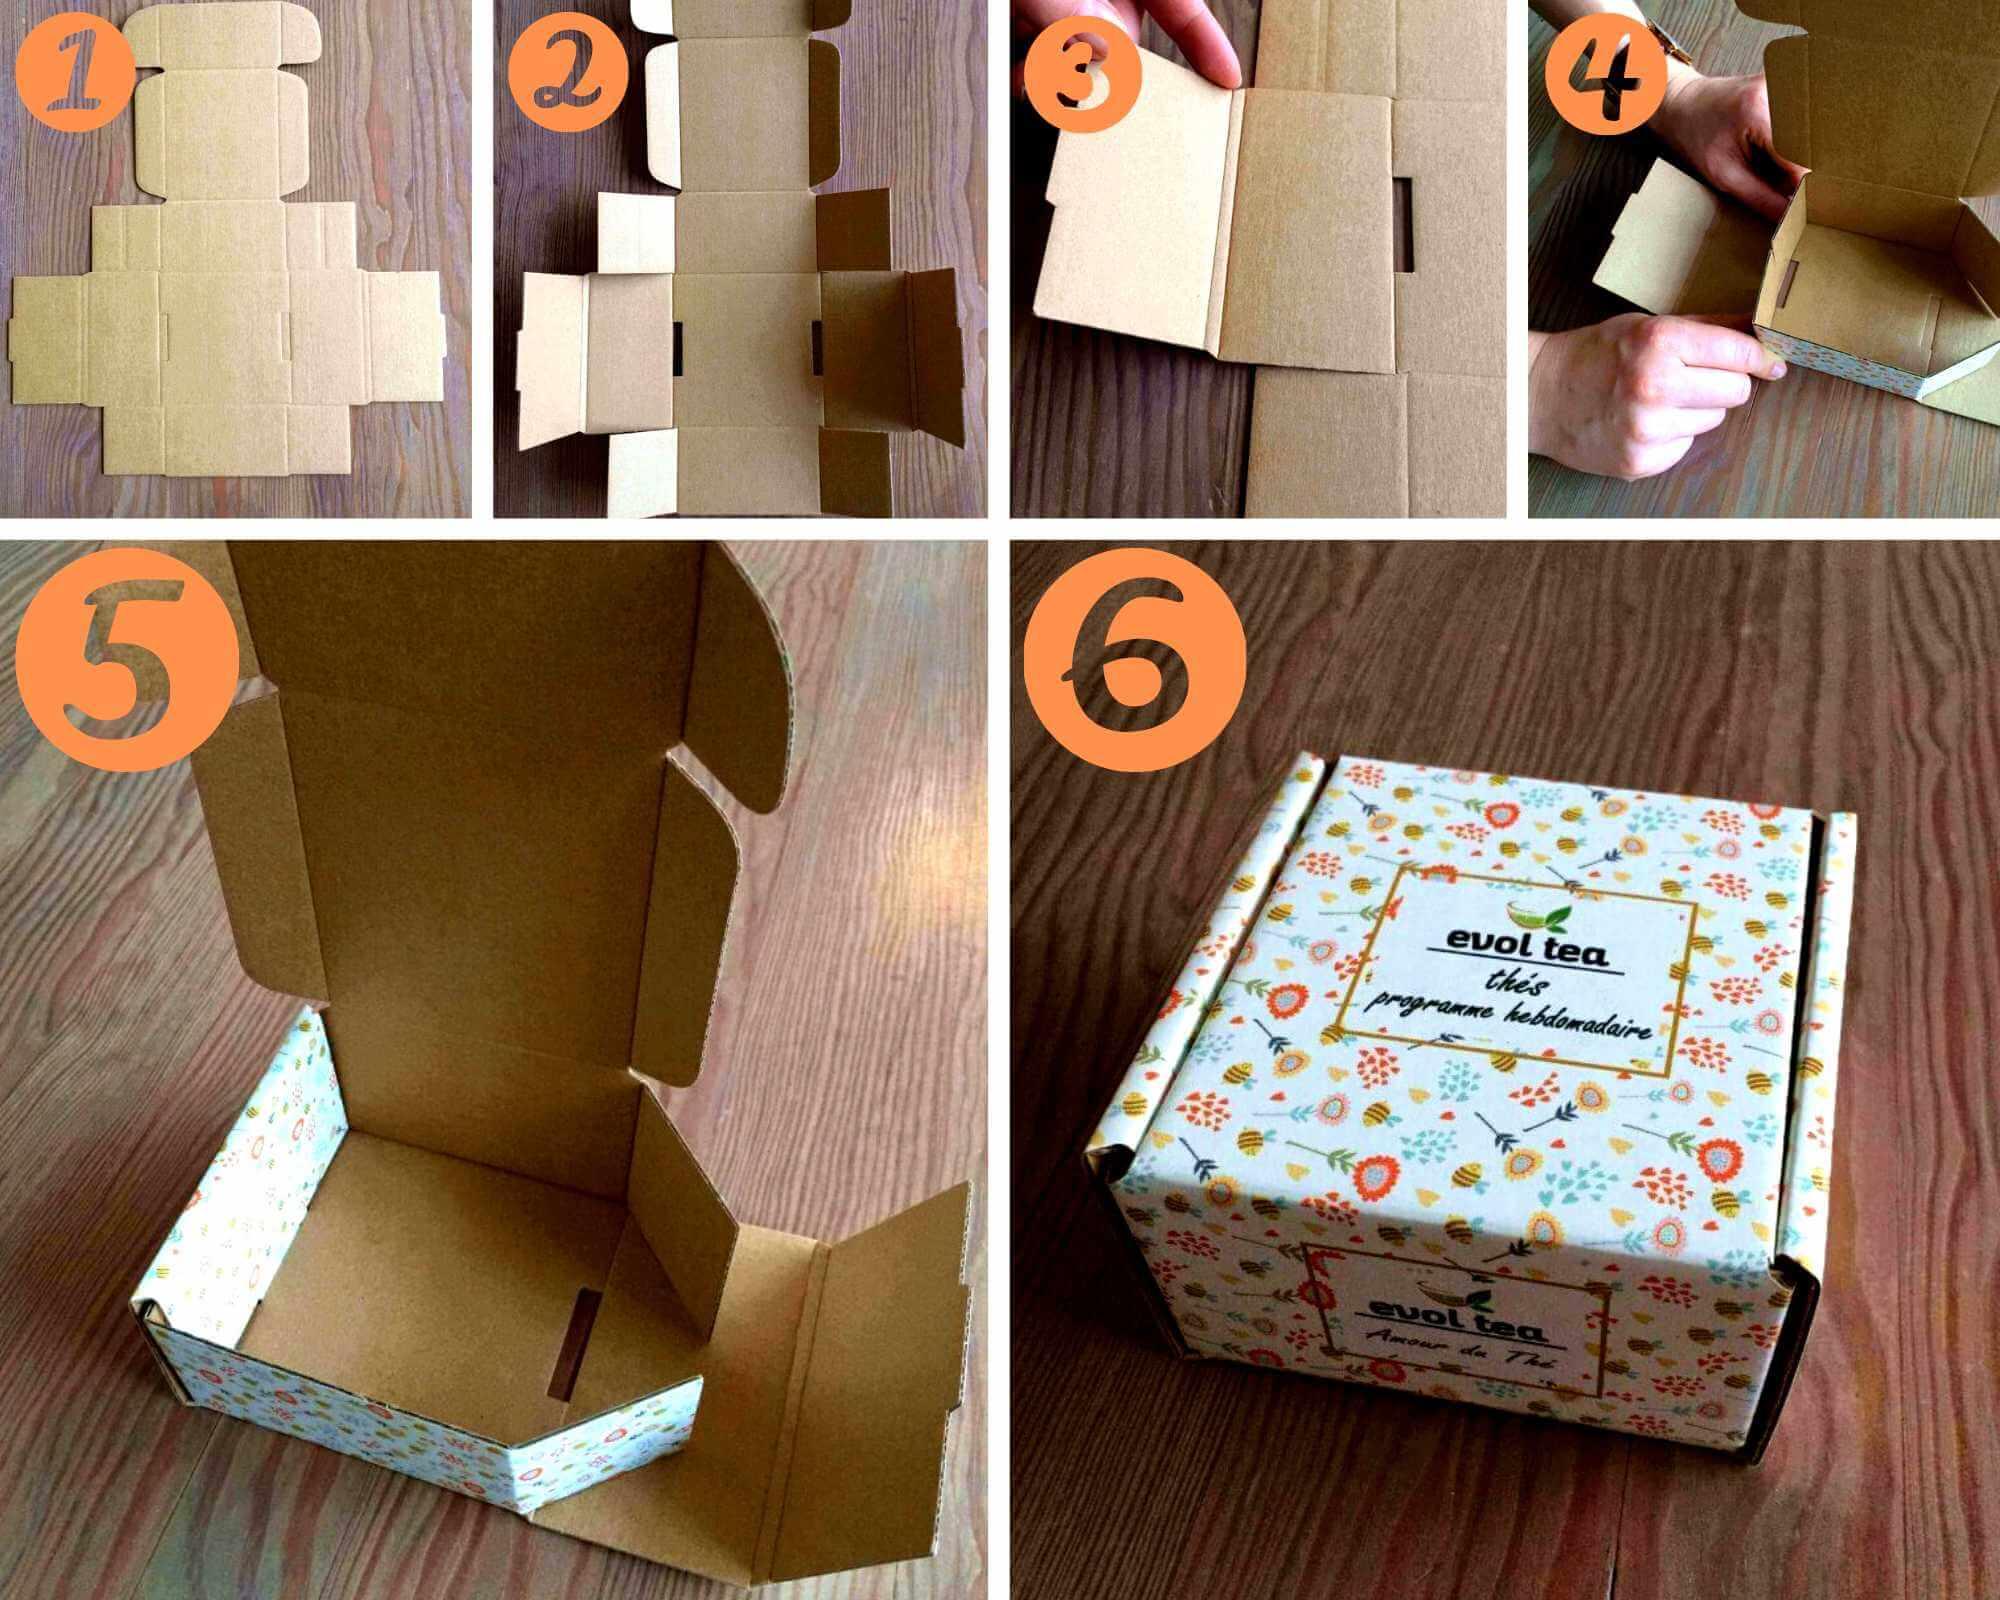 jak složit krabičky s potiskem